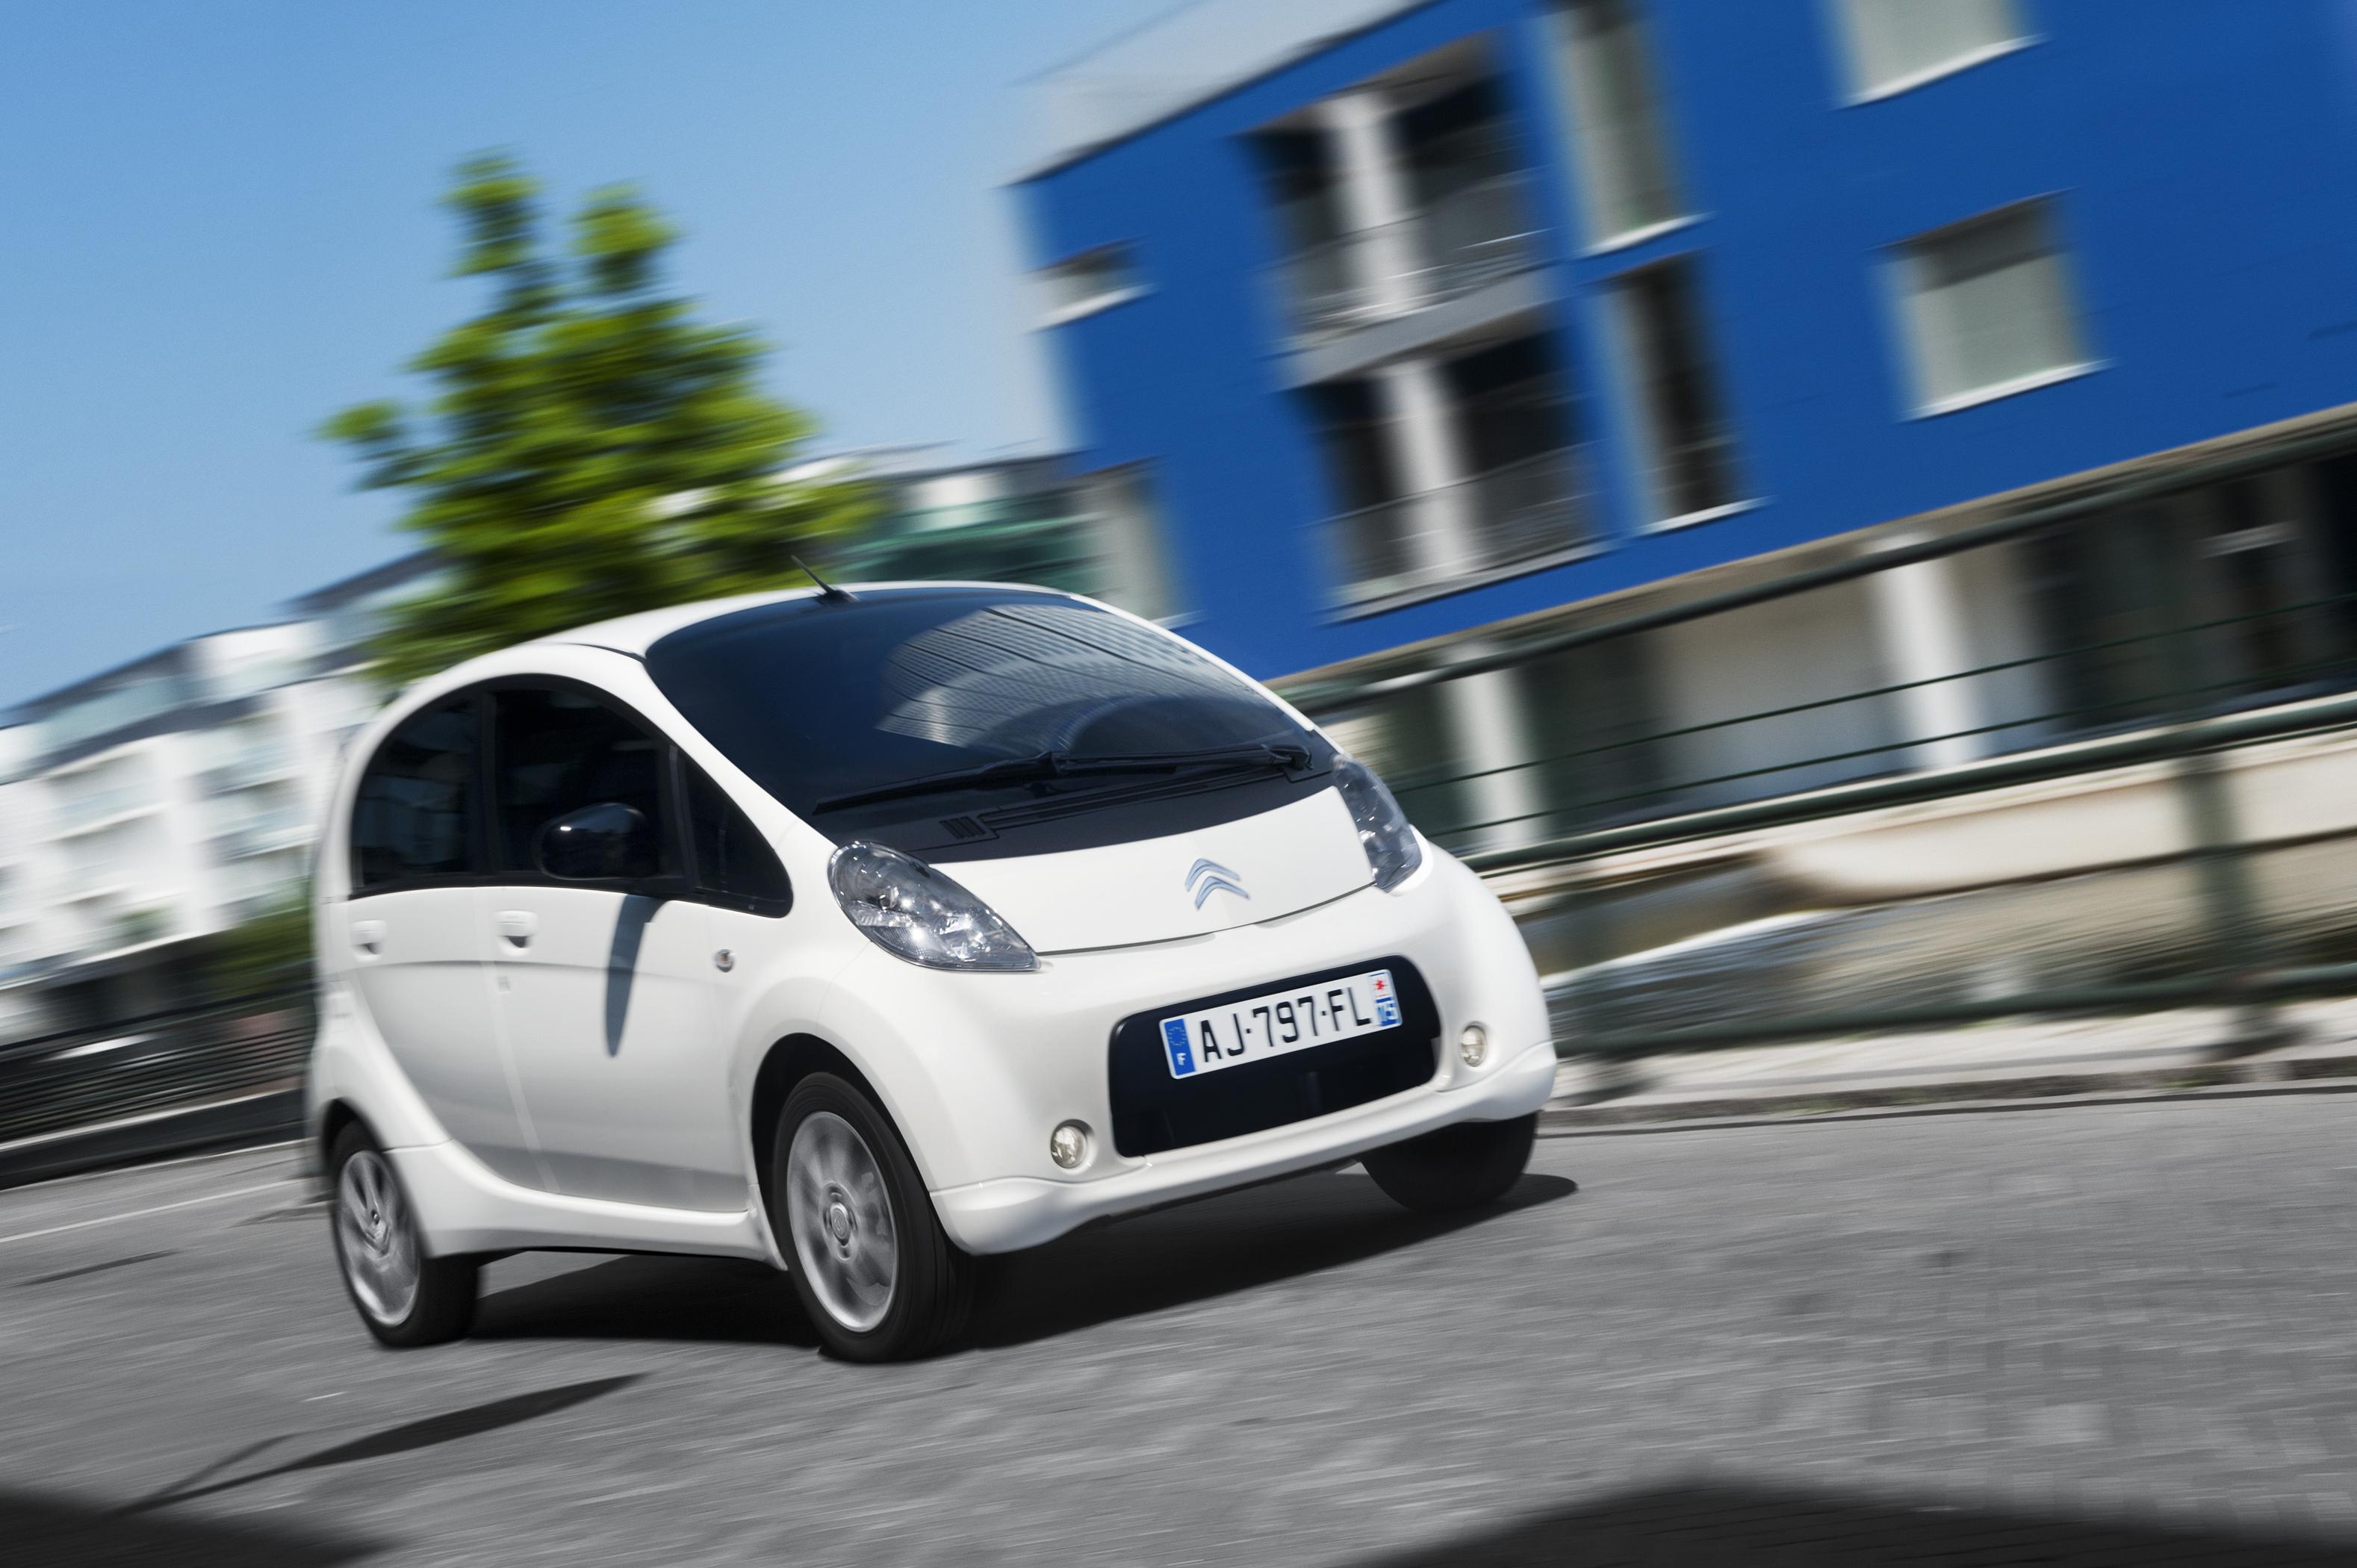 Citroen Electrico Precio Best Secret Wiring Diagram Mehari Citro N Y Peugeot Bajan 5 700 Euros Los Precios De Sus Coches Rh Blogs Elpais Com Descapotable Elctrico